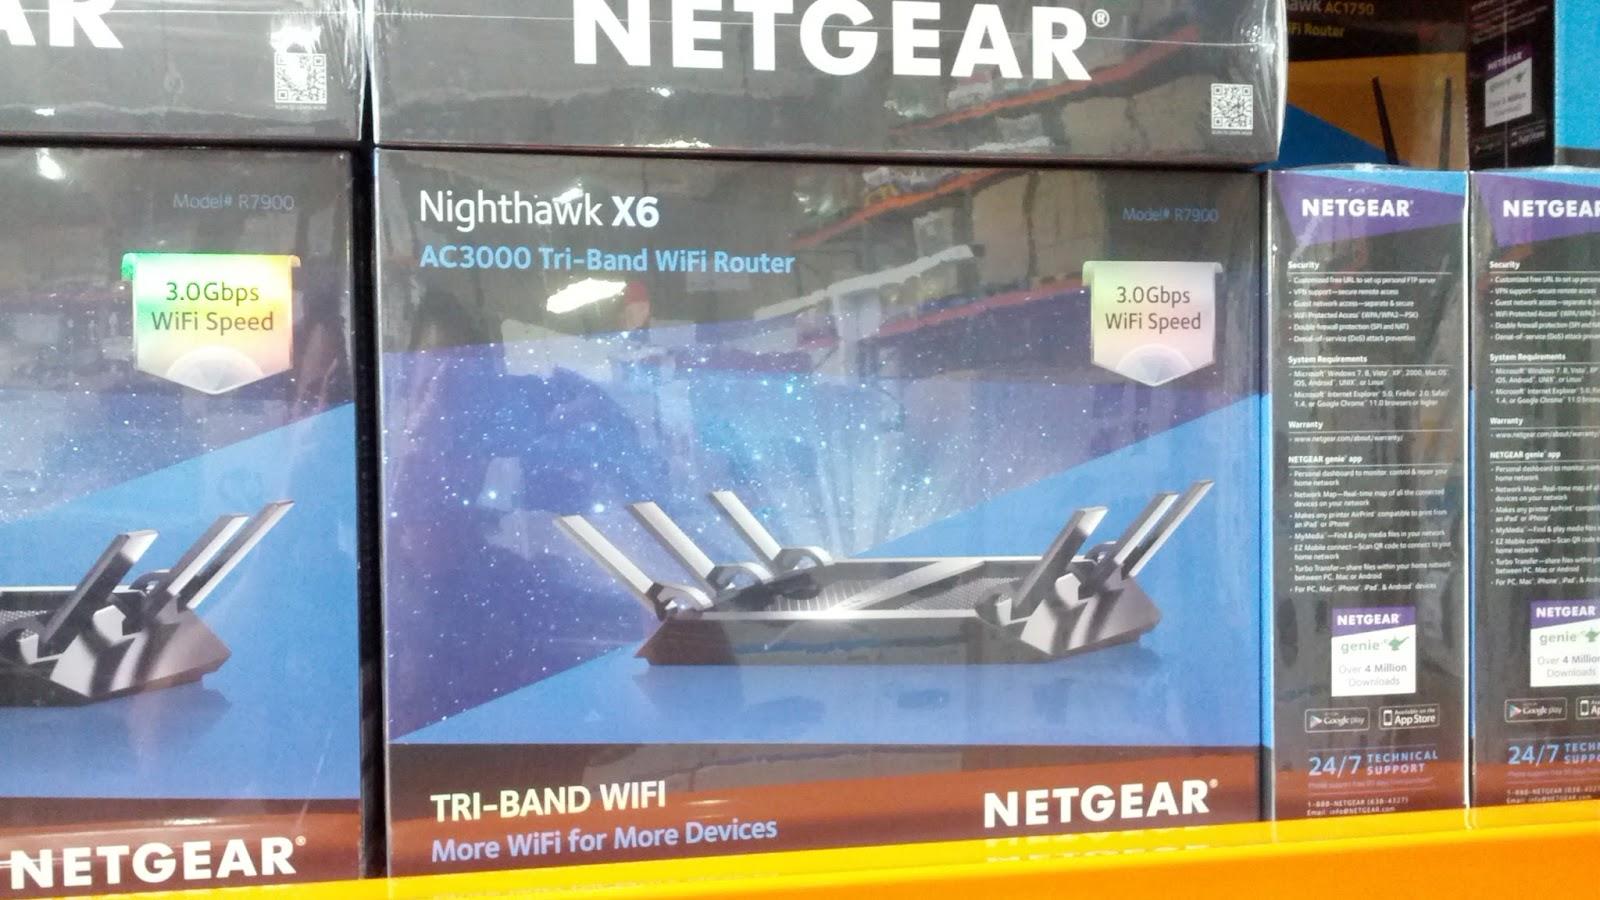 Netgear Nighthawk X6 AC3000 Wifi Router | Costco Weekender